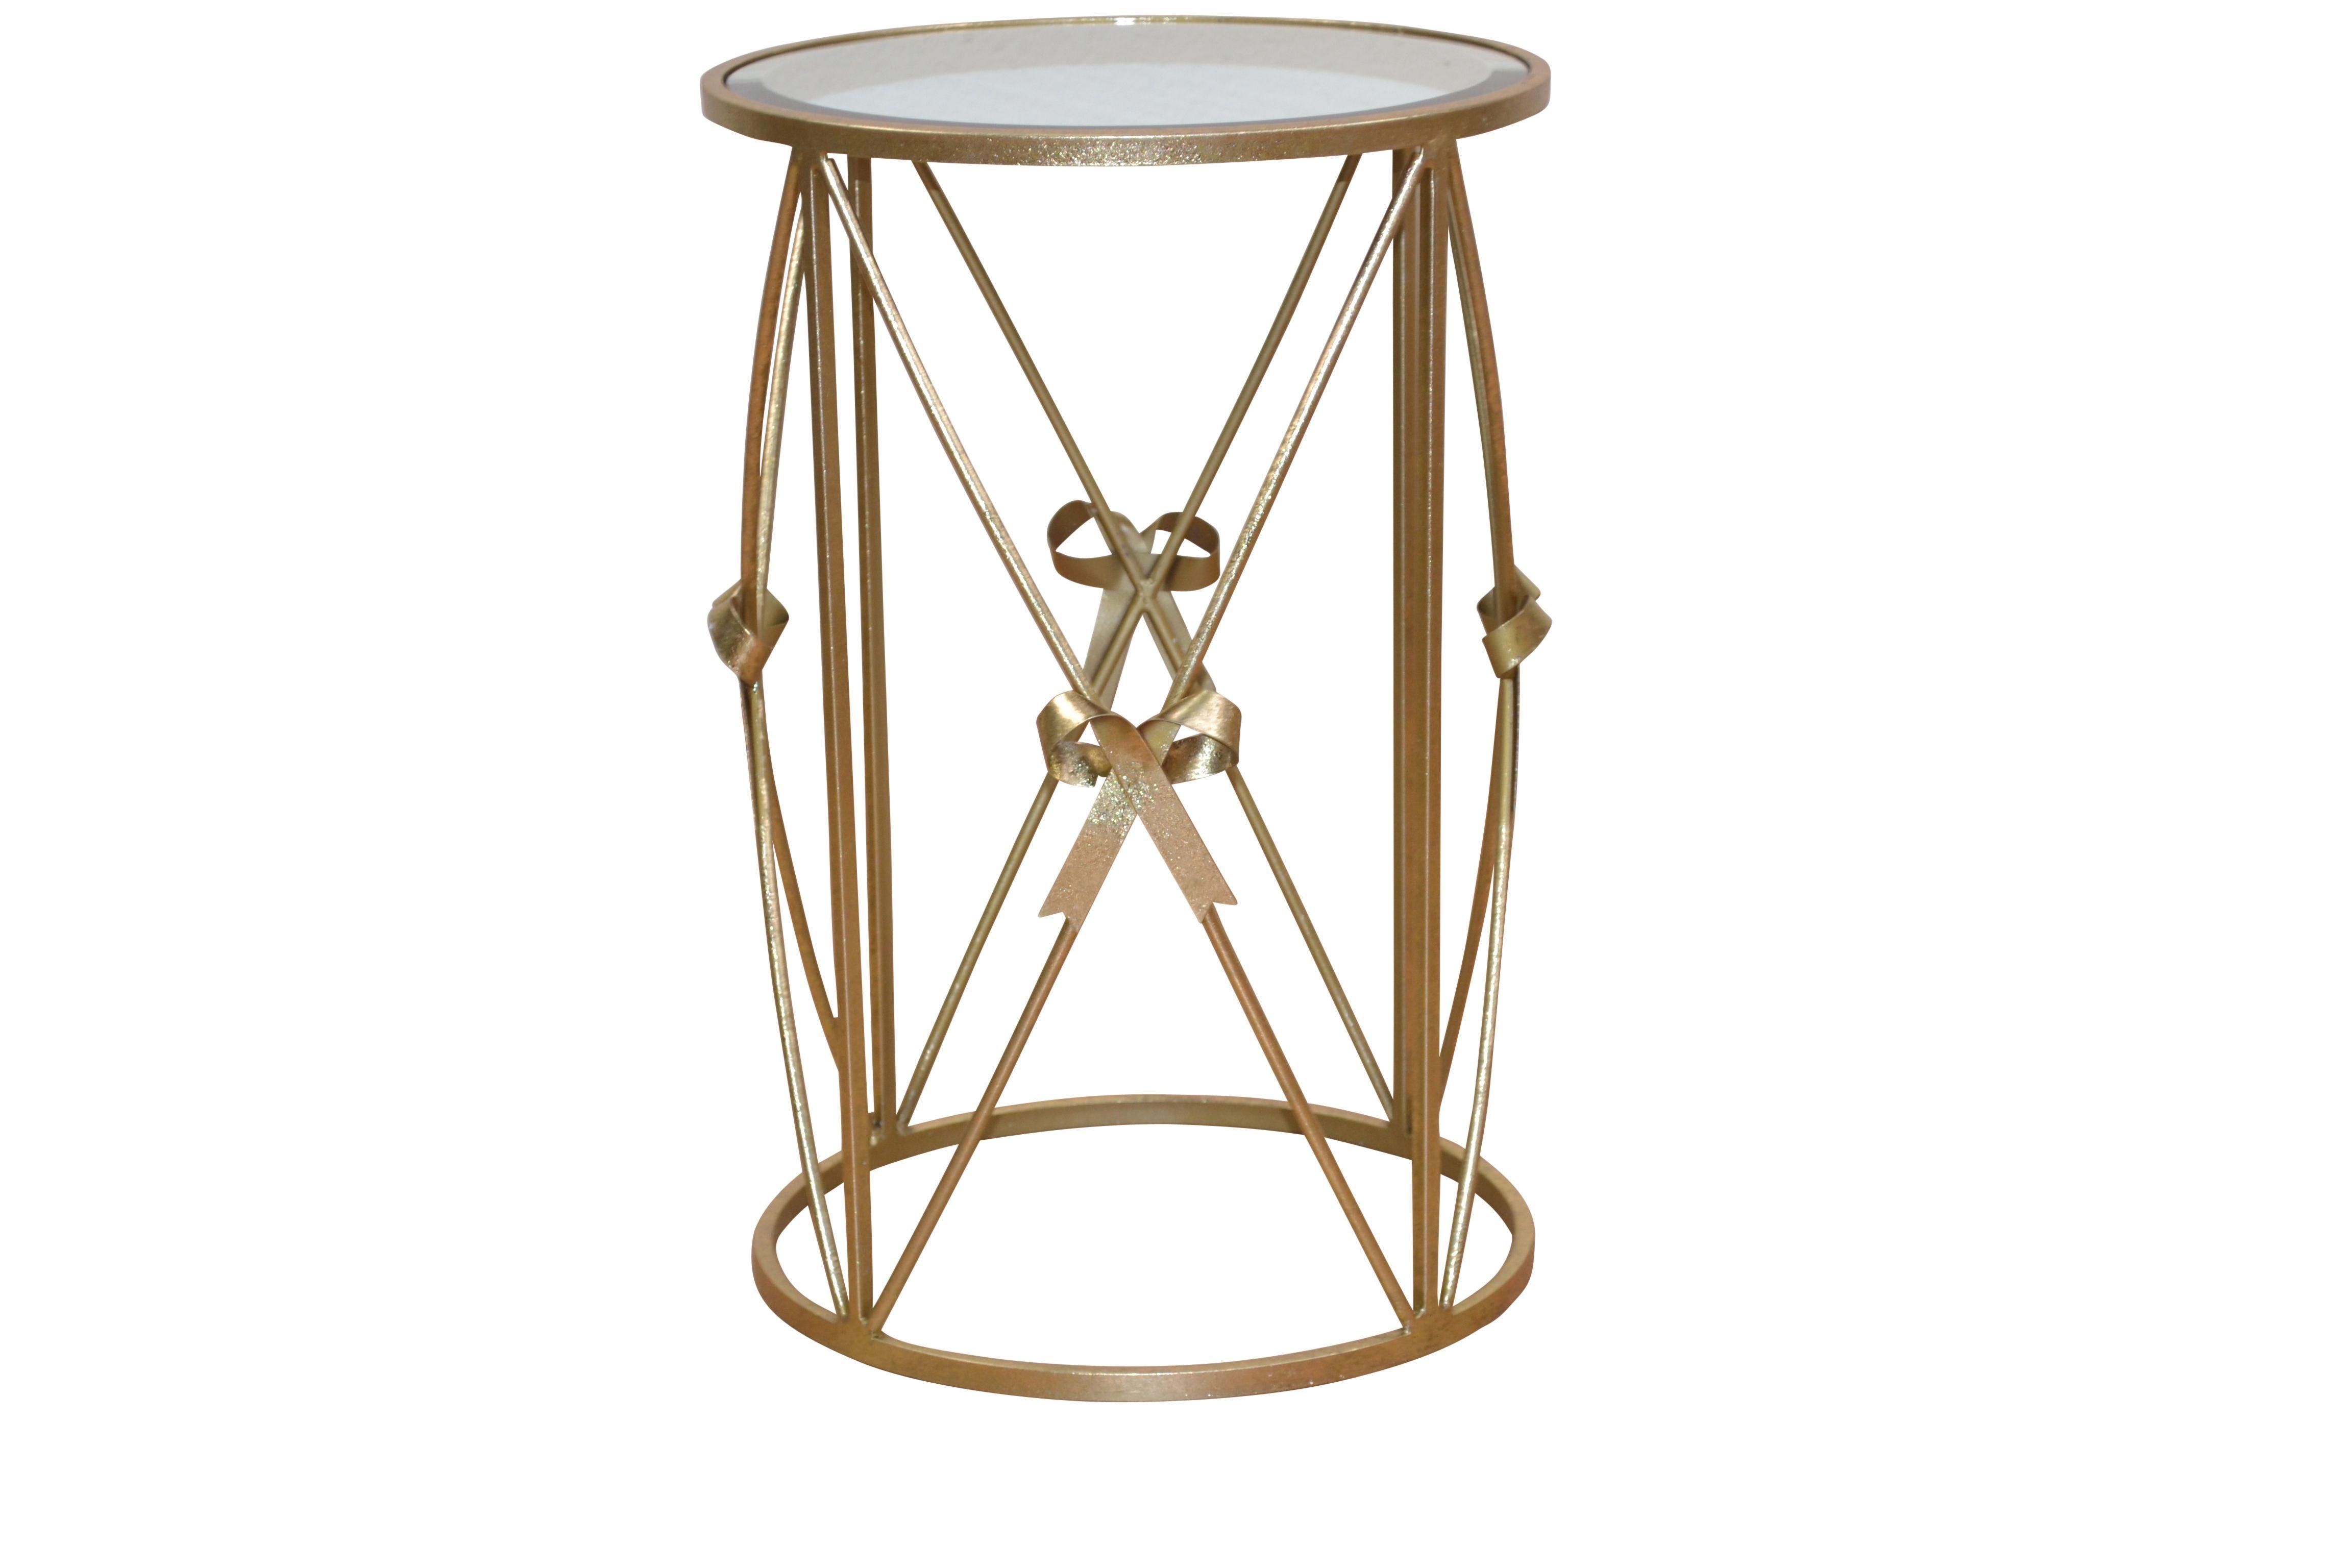 beistelltisch antik goldfarben woody 193-00033 glas modern jetzt, Wohnzimmer dekoo